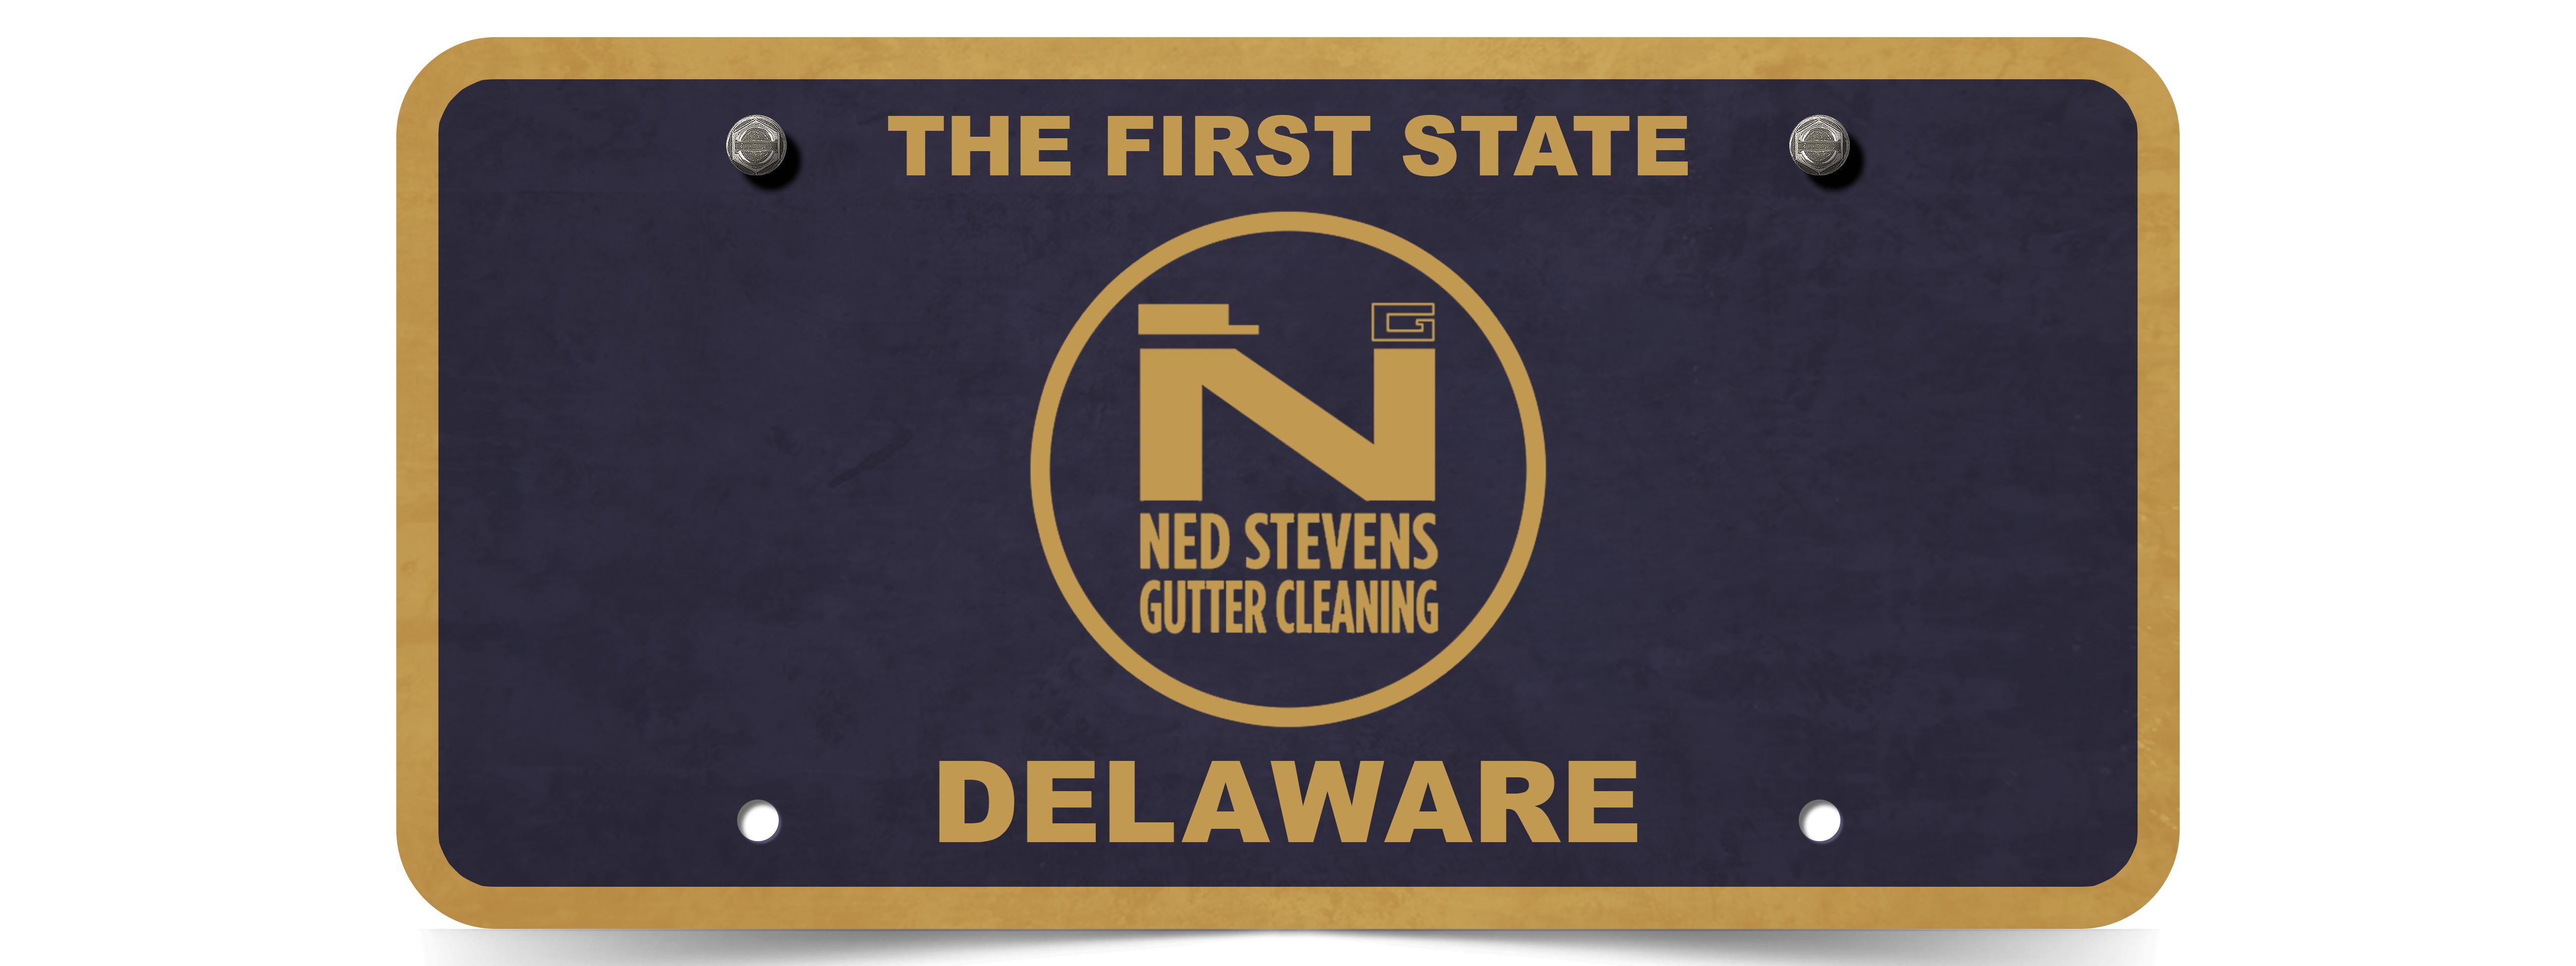 Ned Stevens Brings Gutter Cleaning to Delaware!